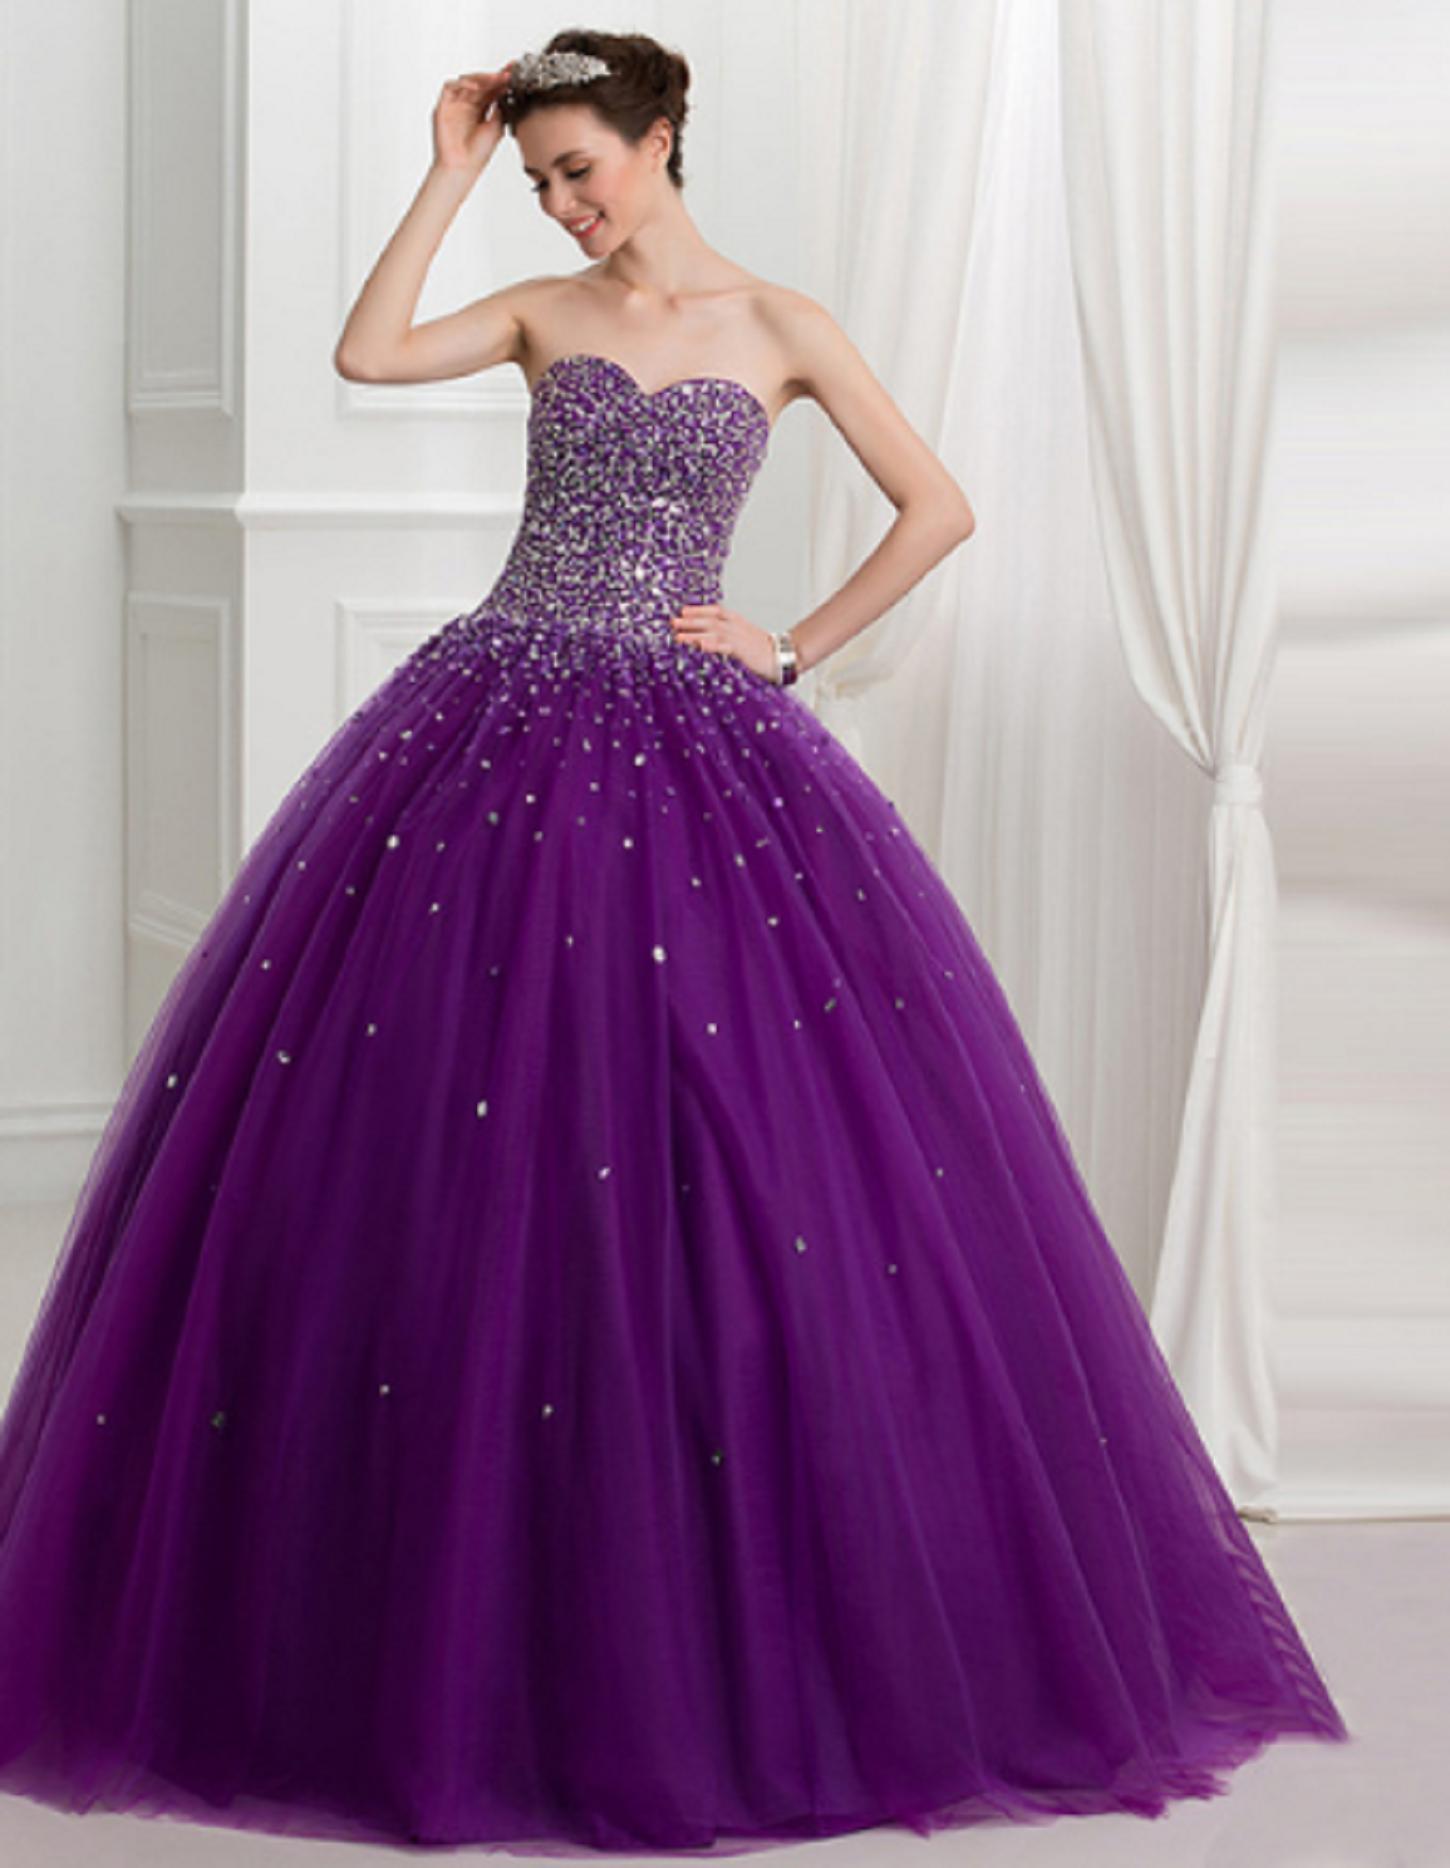 Pin de Ladies DG en vestidos para dia de fiesta | Pinterest ...